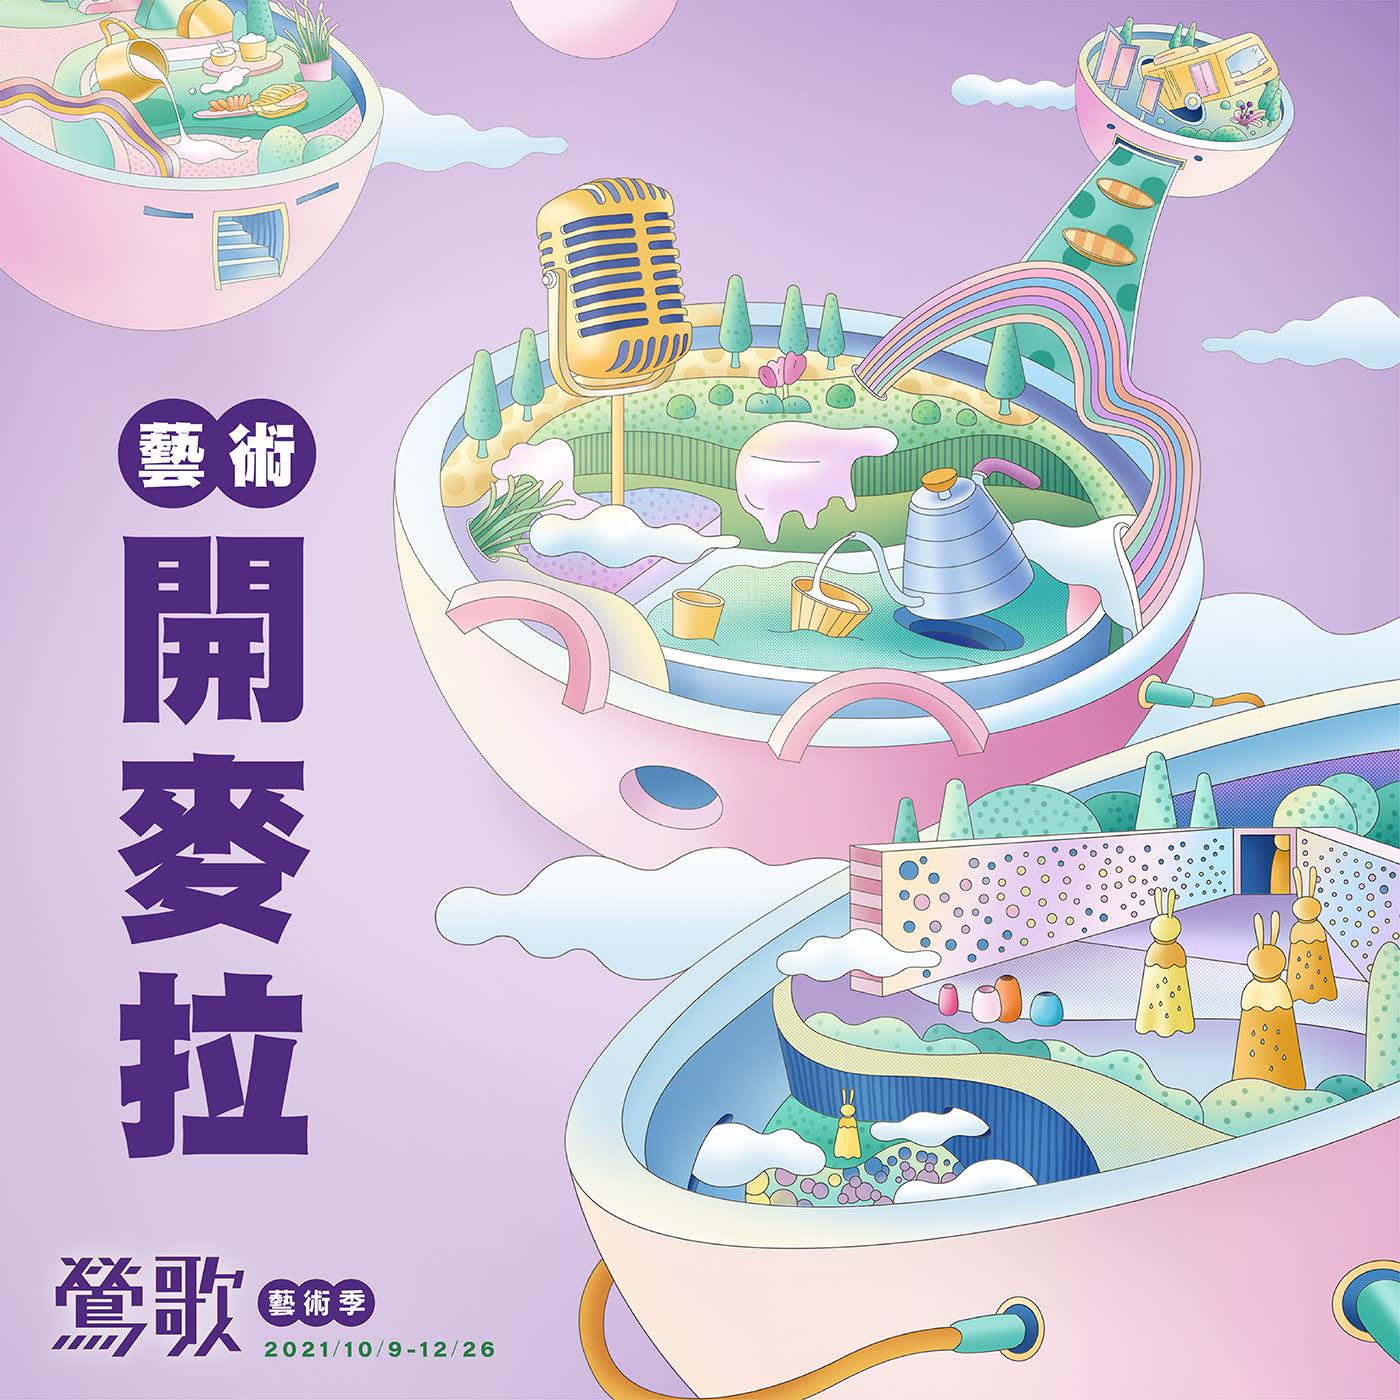 EP01【展覽說故事】偶然人間:一起來哭爆吧!眼淚是珍珠陶偶創作 ft. 貓王不討喜 (陶藝家/DJ)